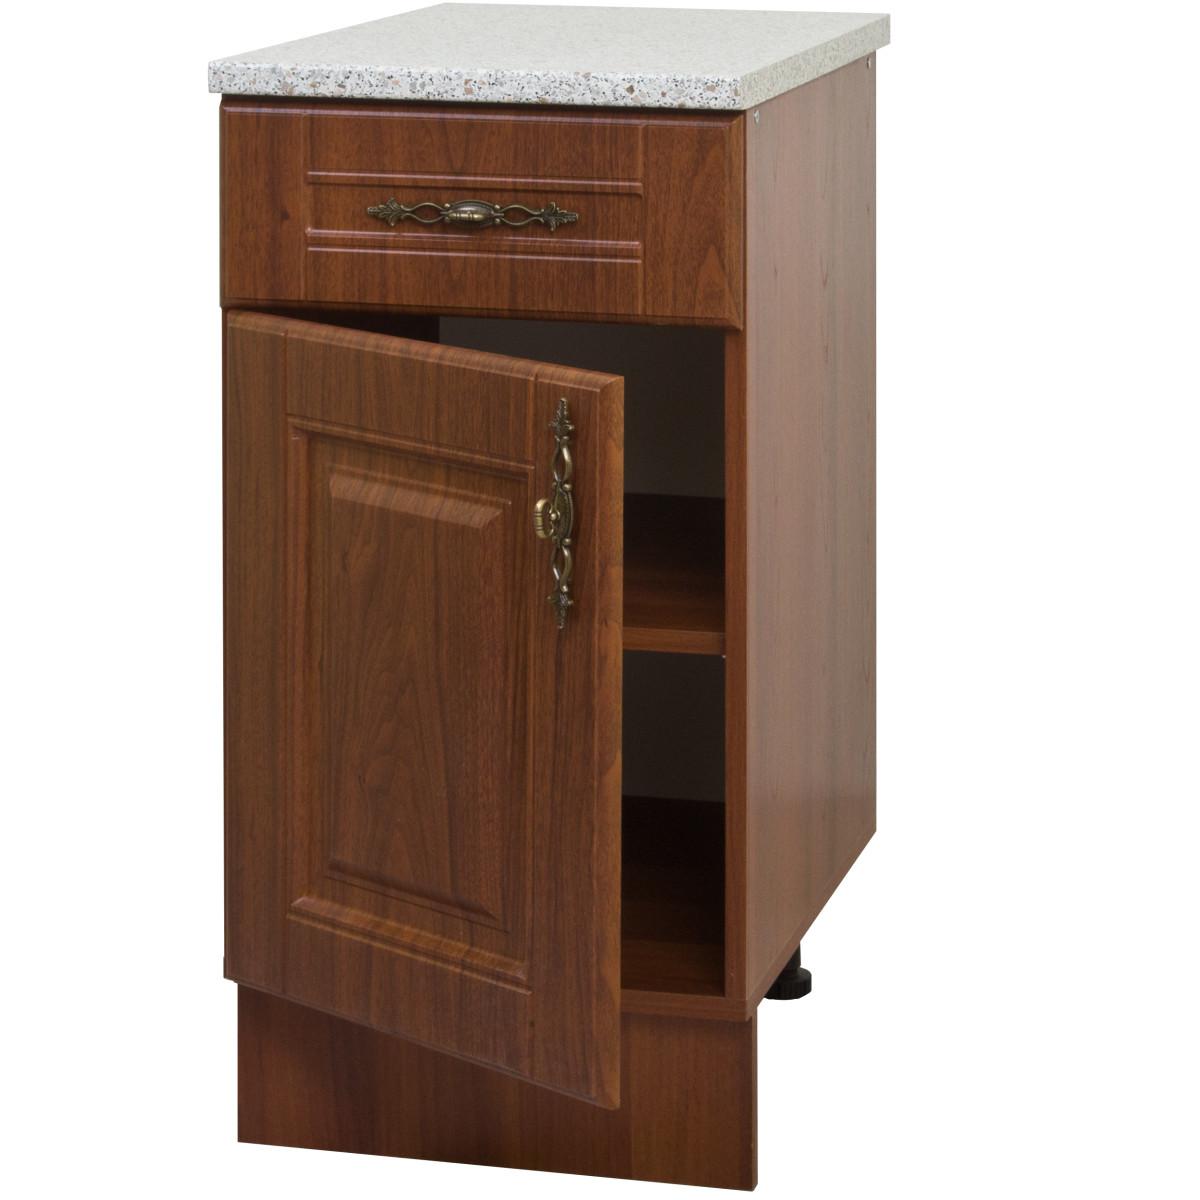 Шкаф напольный Орех с 1 ящиком 40x86x60 см ЛДСП цвет орех